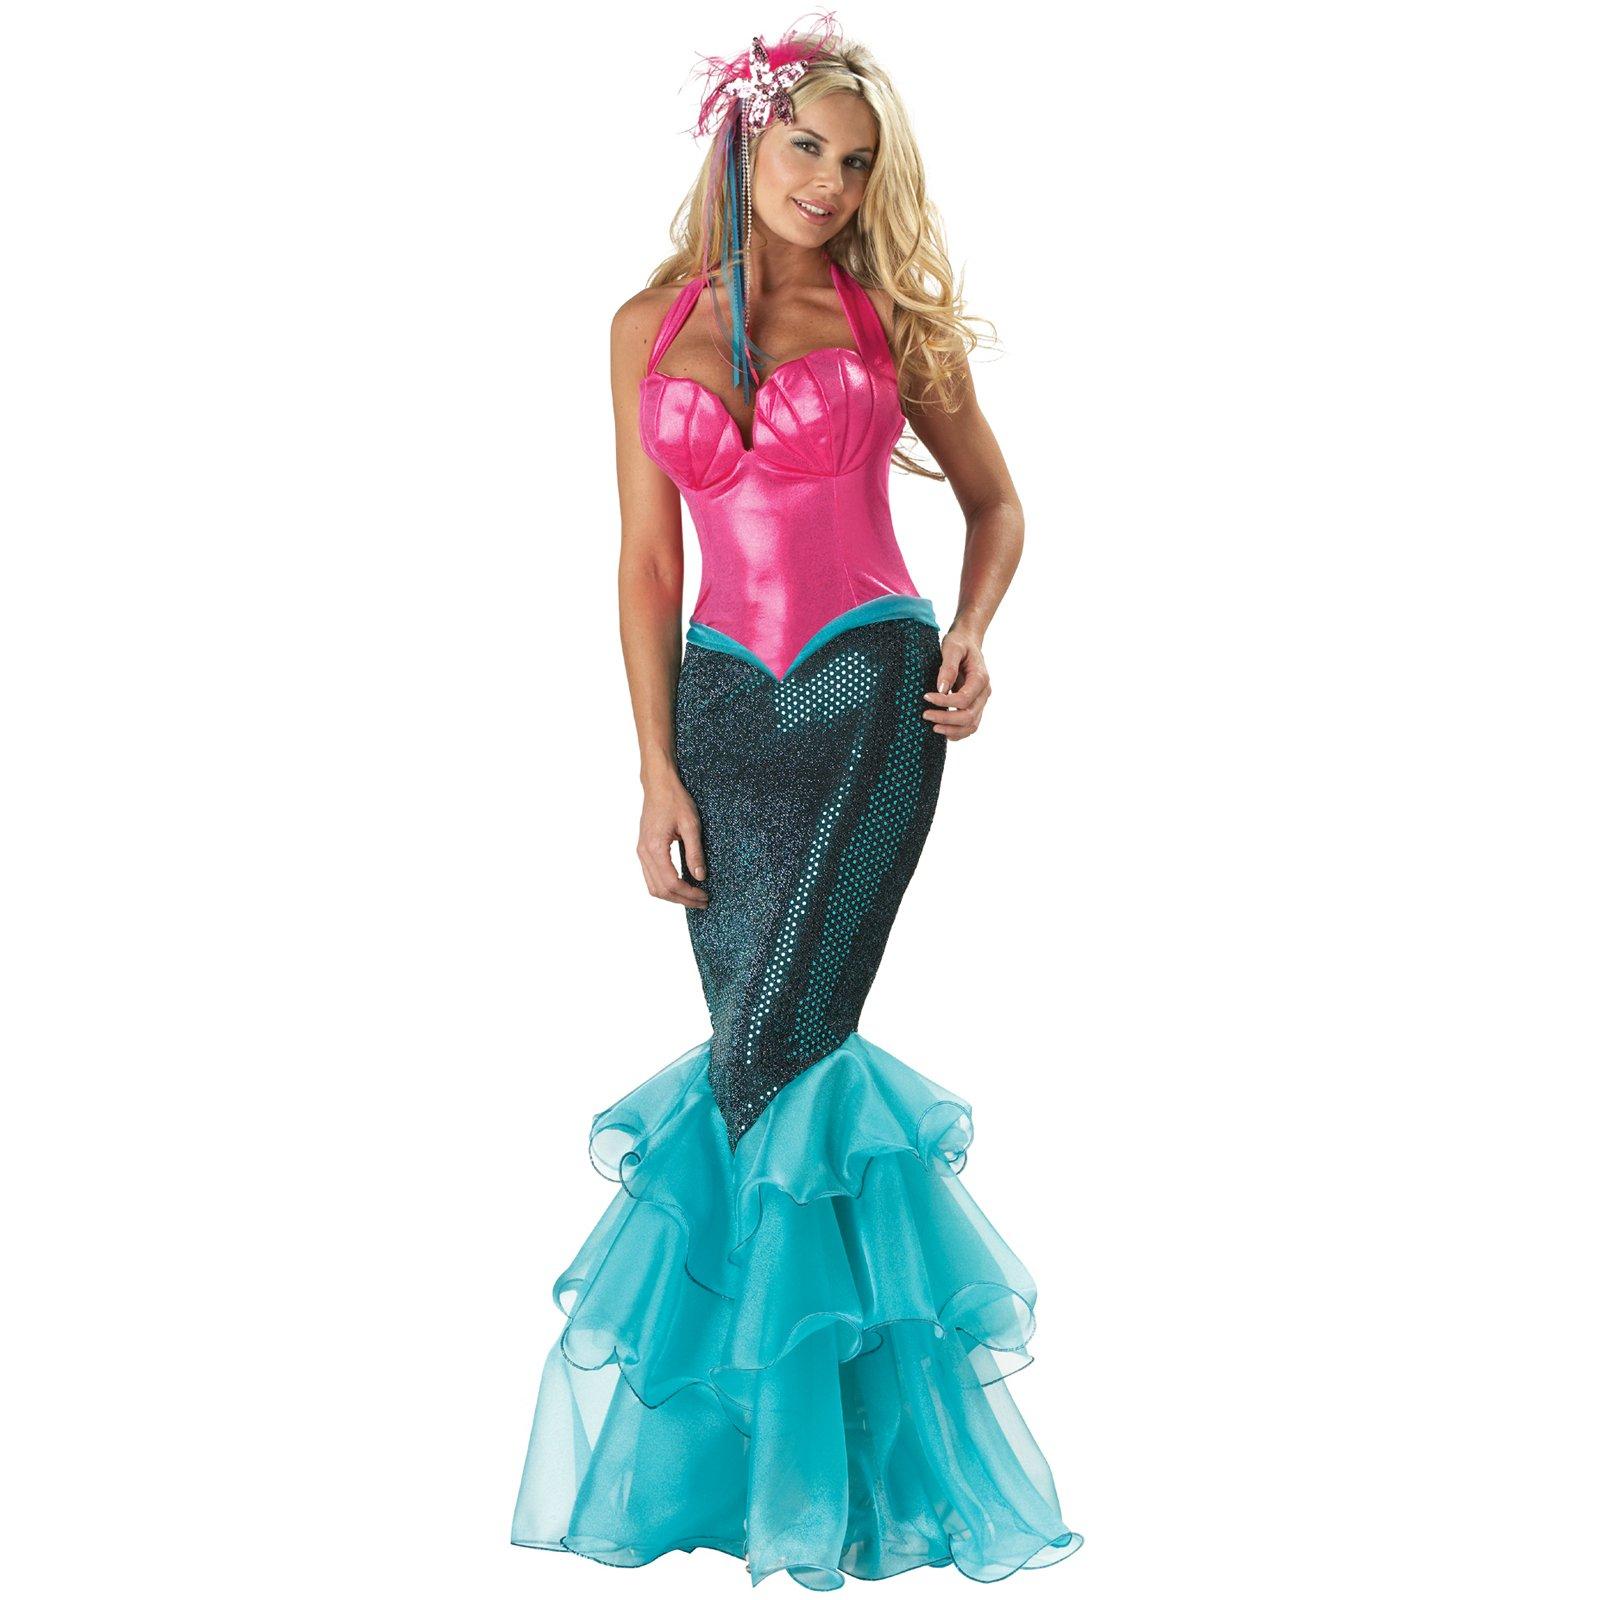 Description Princess Ariel Dress Costume For Adults